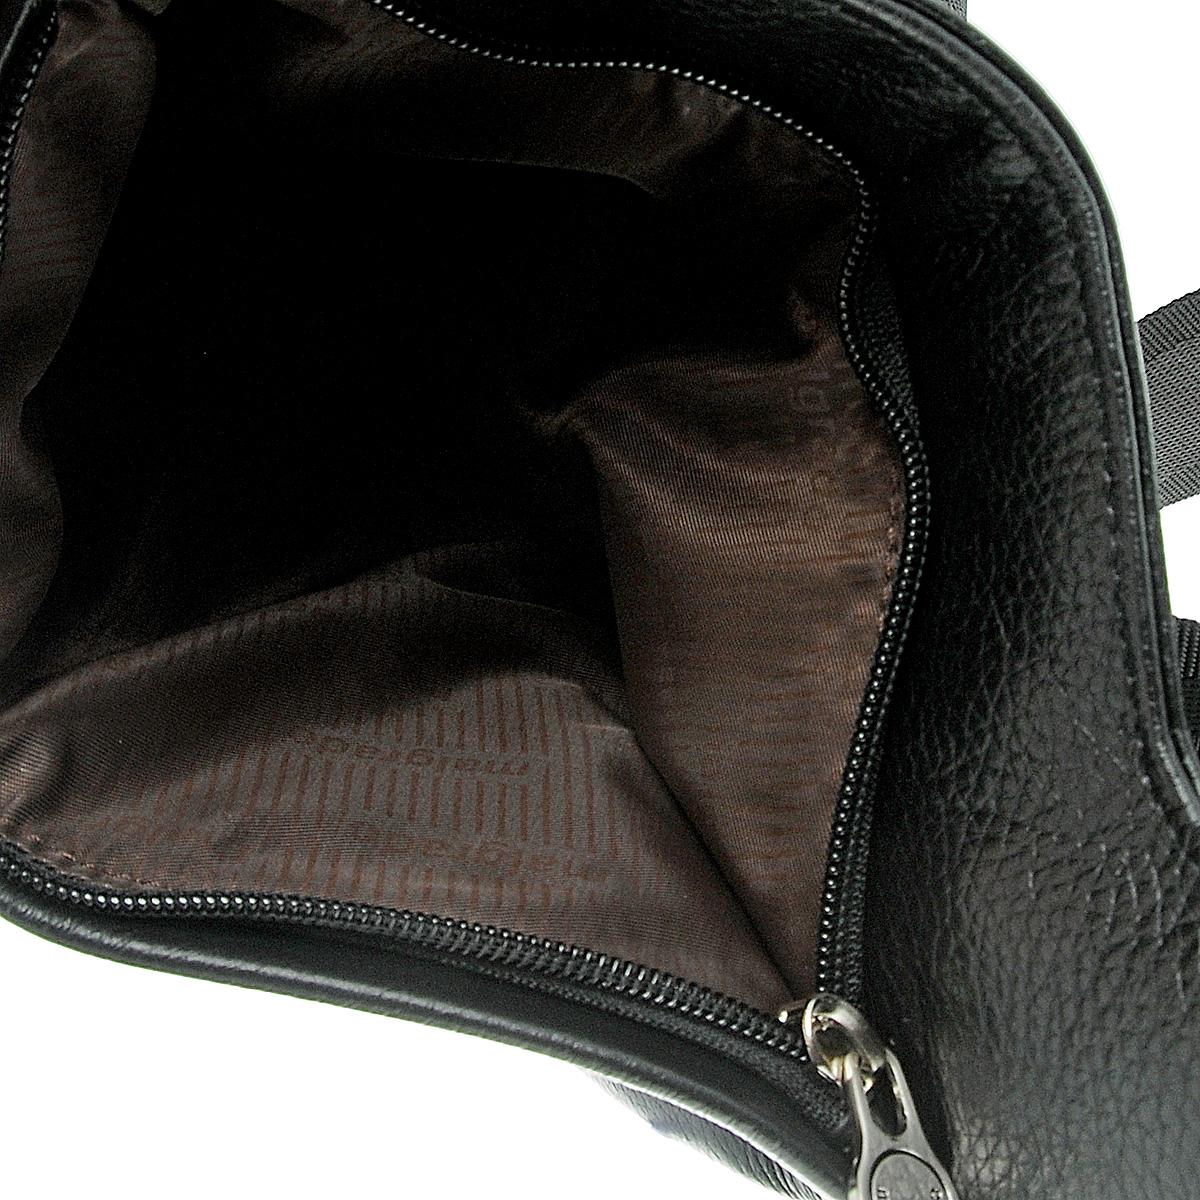 """Cумка мужская """"Malgrado"""", цвет: черный. BR11-365C1530 ( BR11-365C1530 black Cумка мужская Malgrado )"""